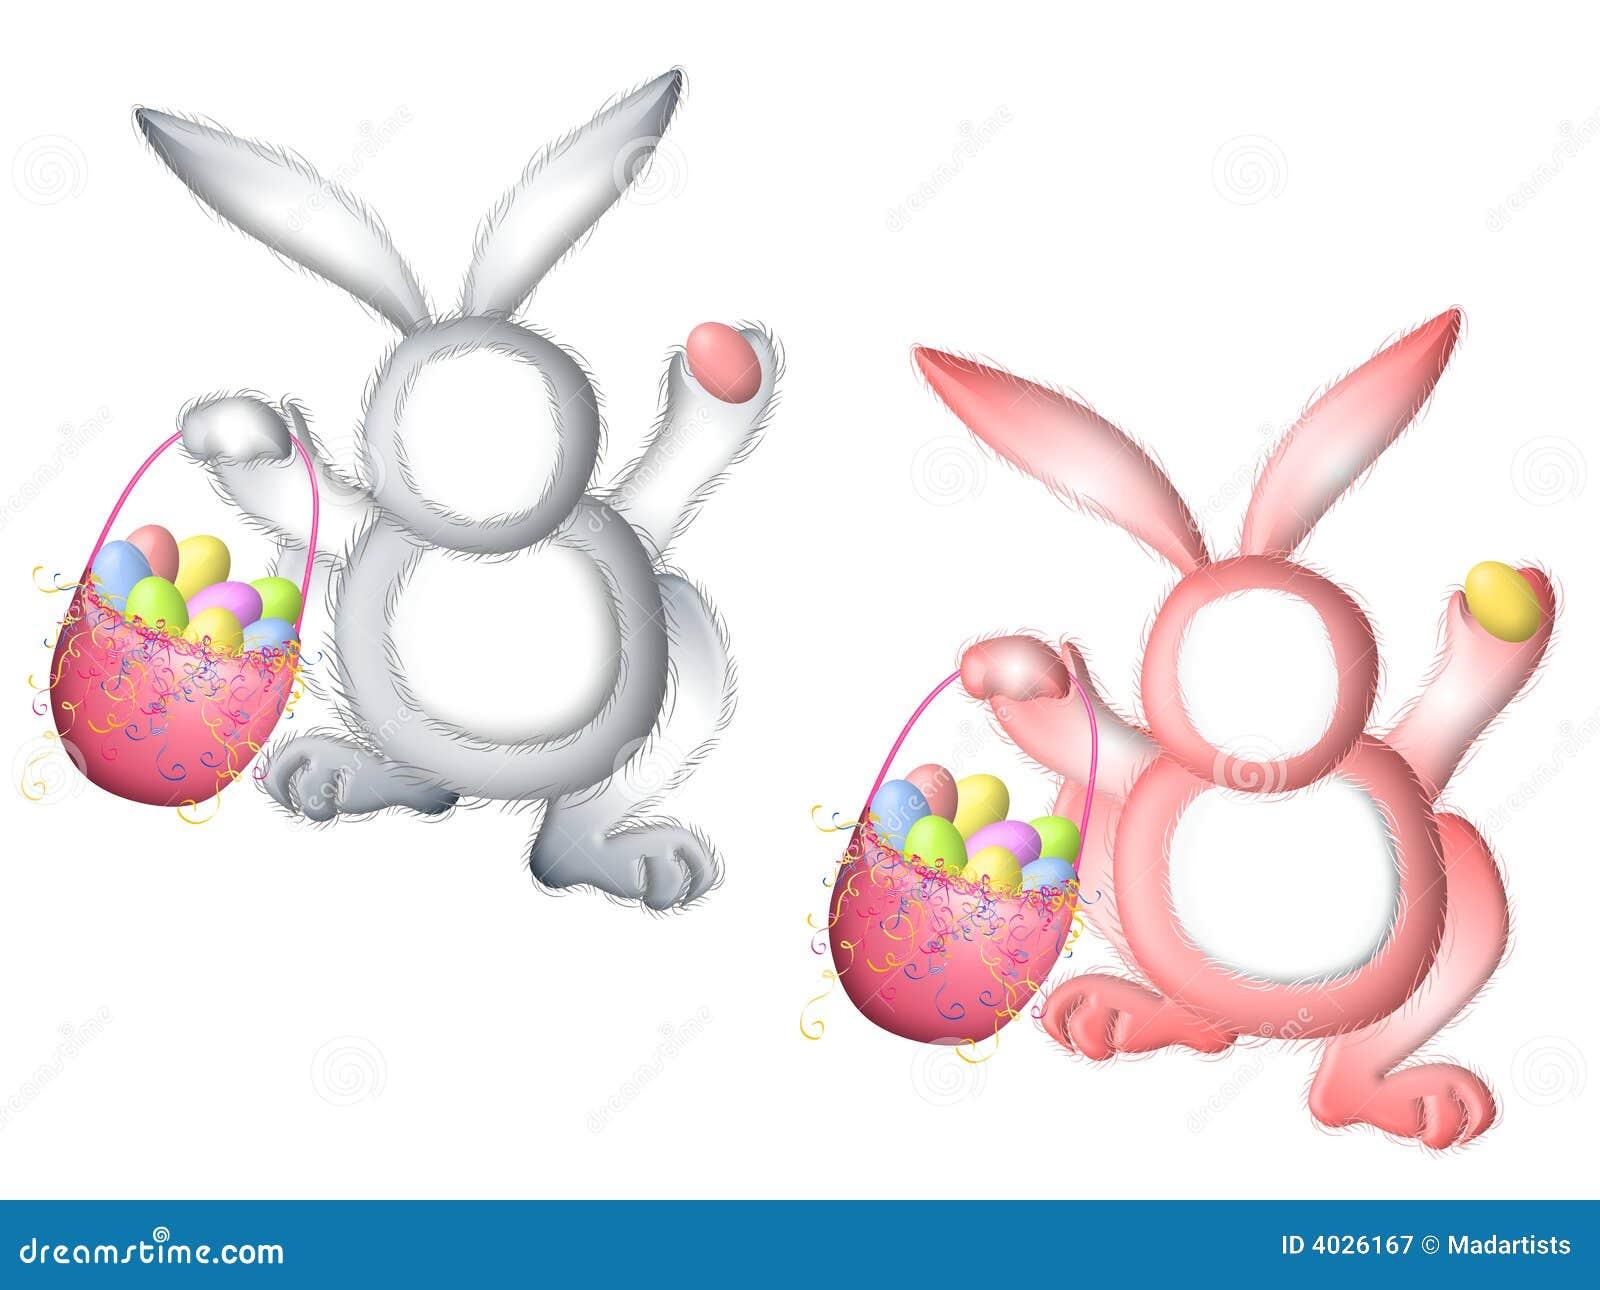 Encantador Que El Conejo Roger Realmente Enmarcado Patrón - Ideas ...